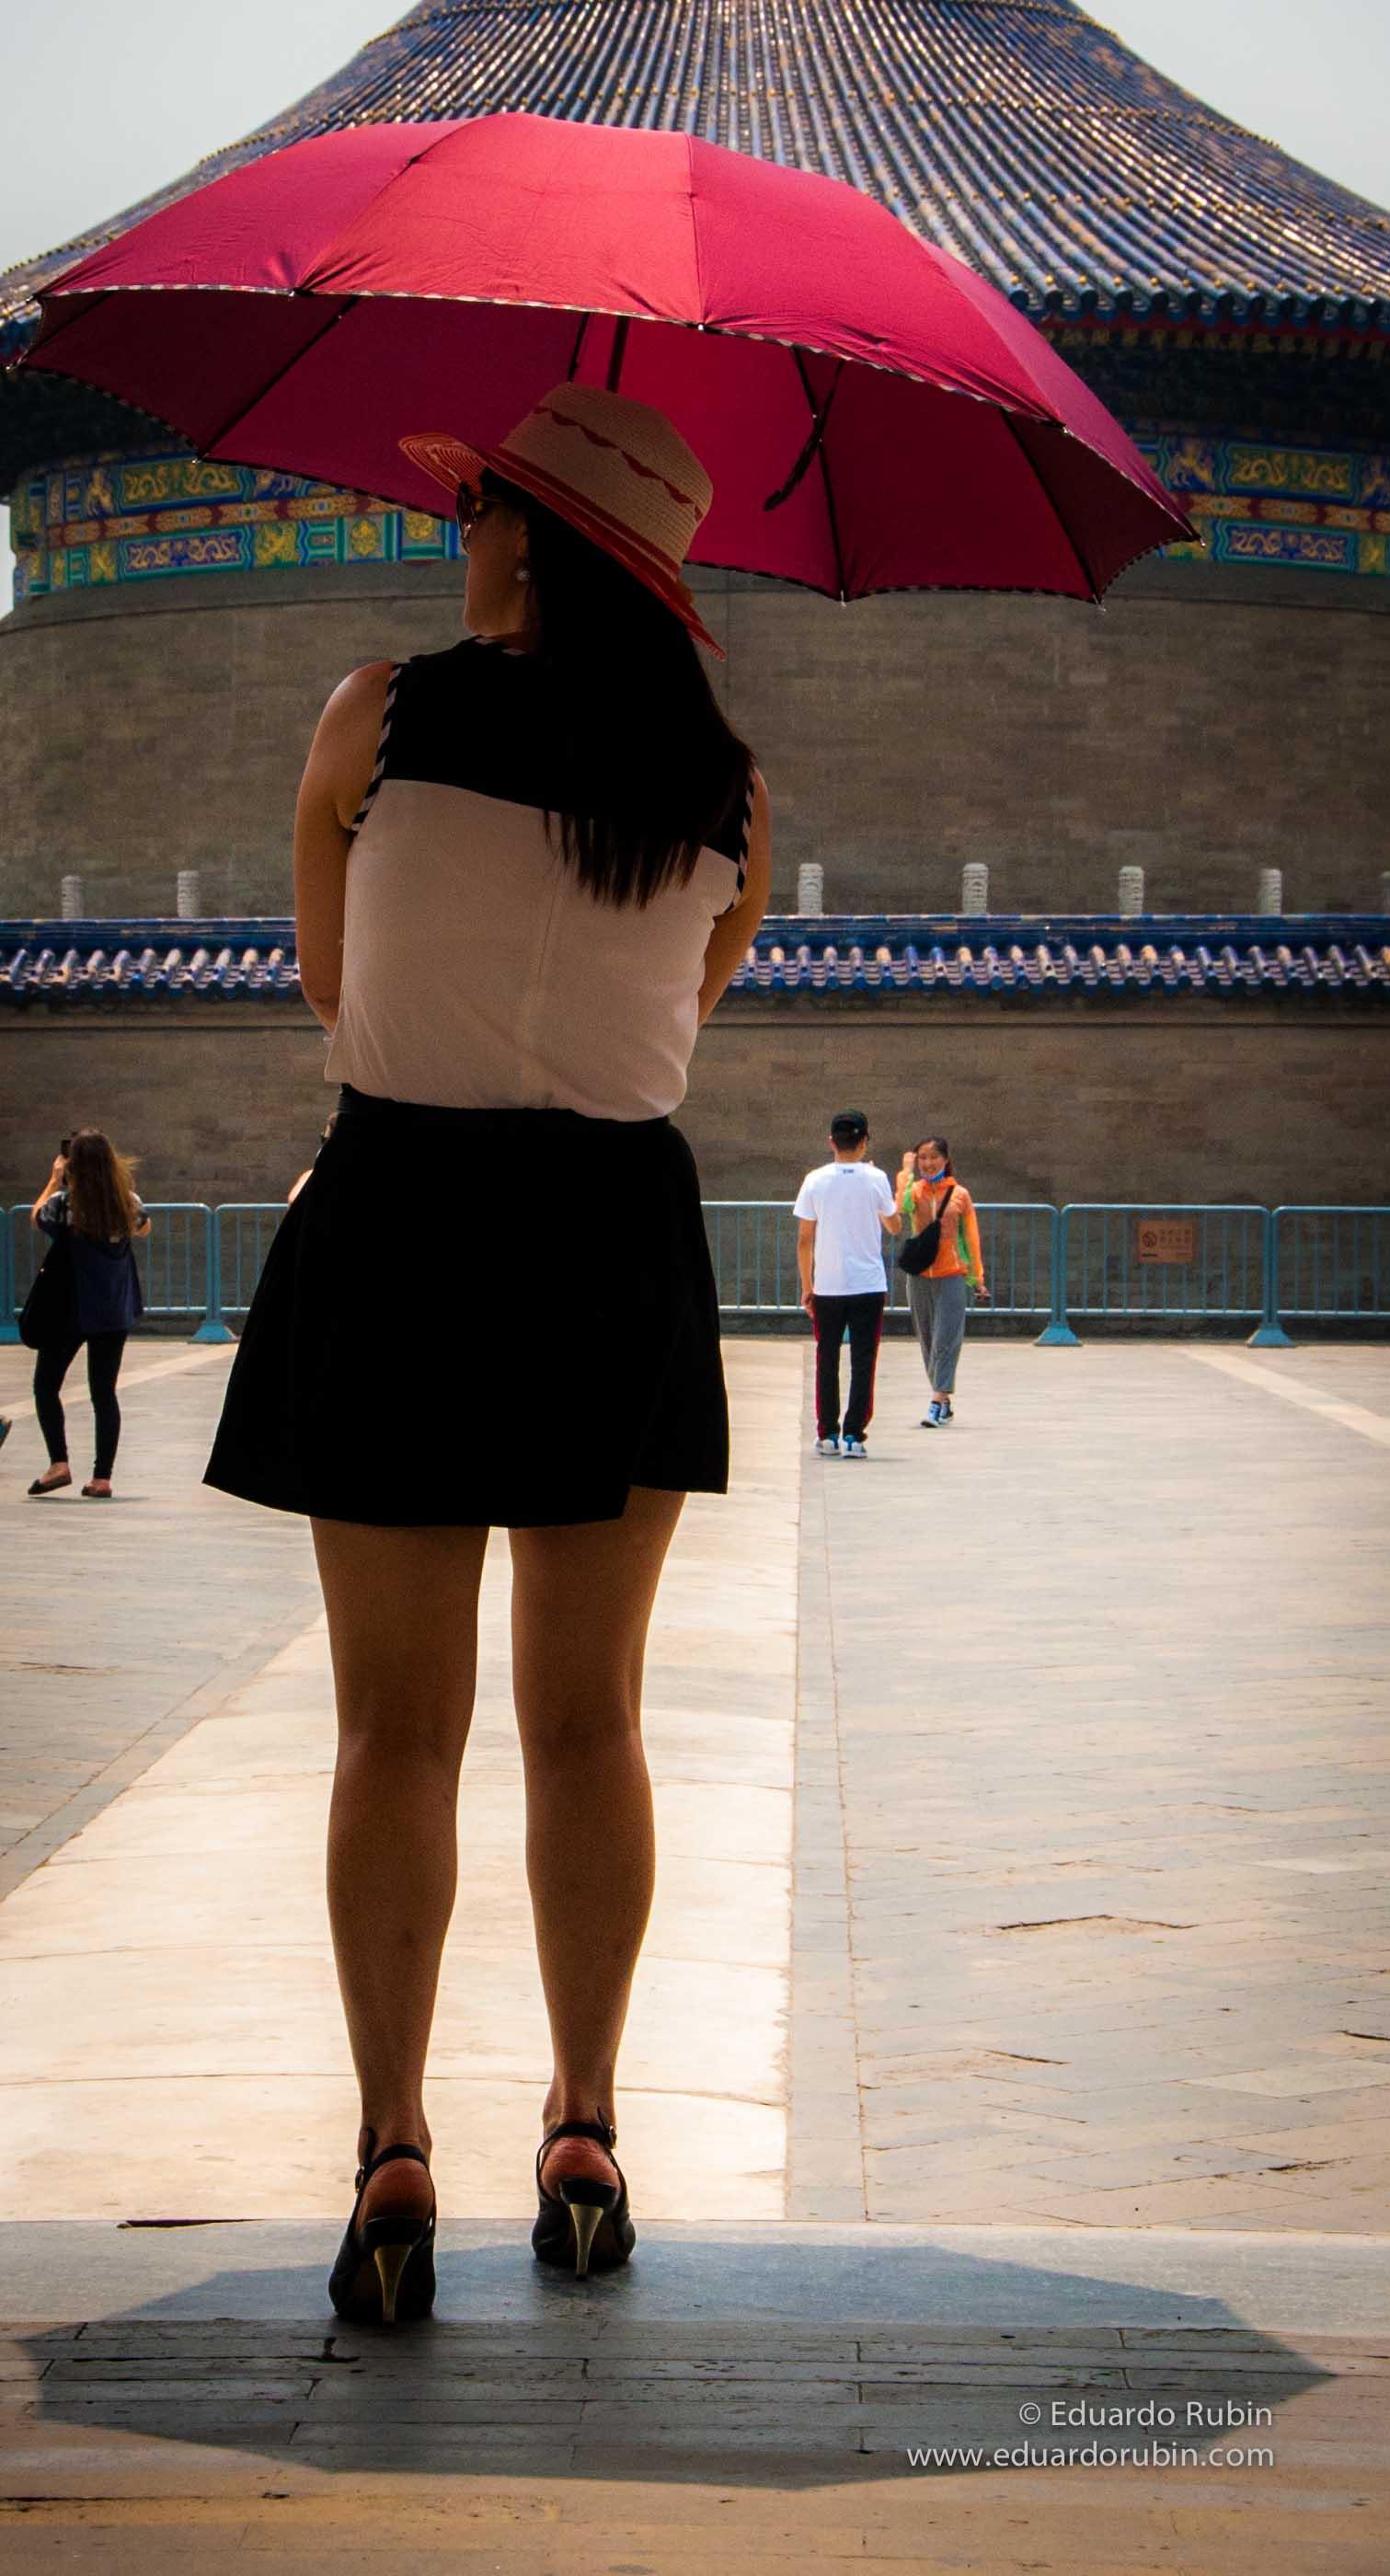 BeijingRubin-32.jpg